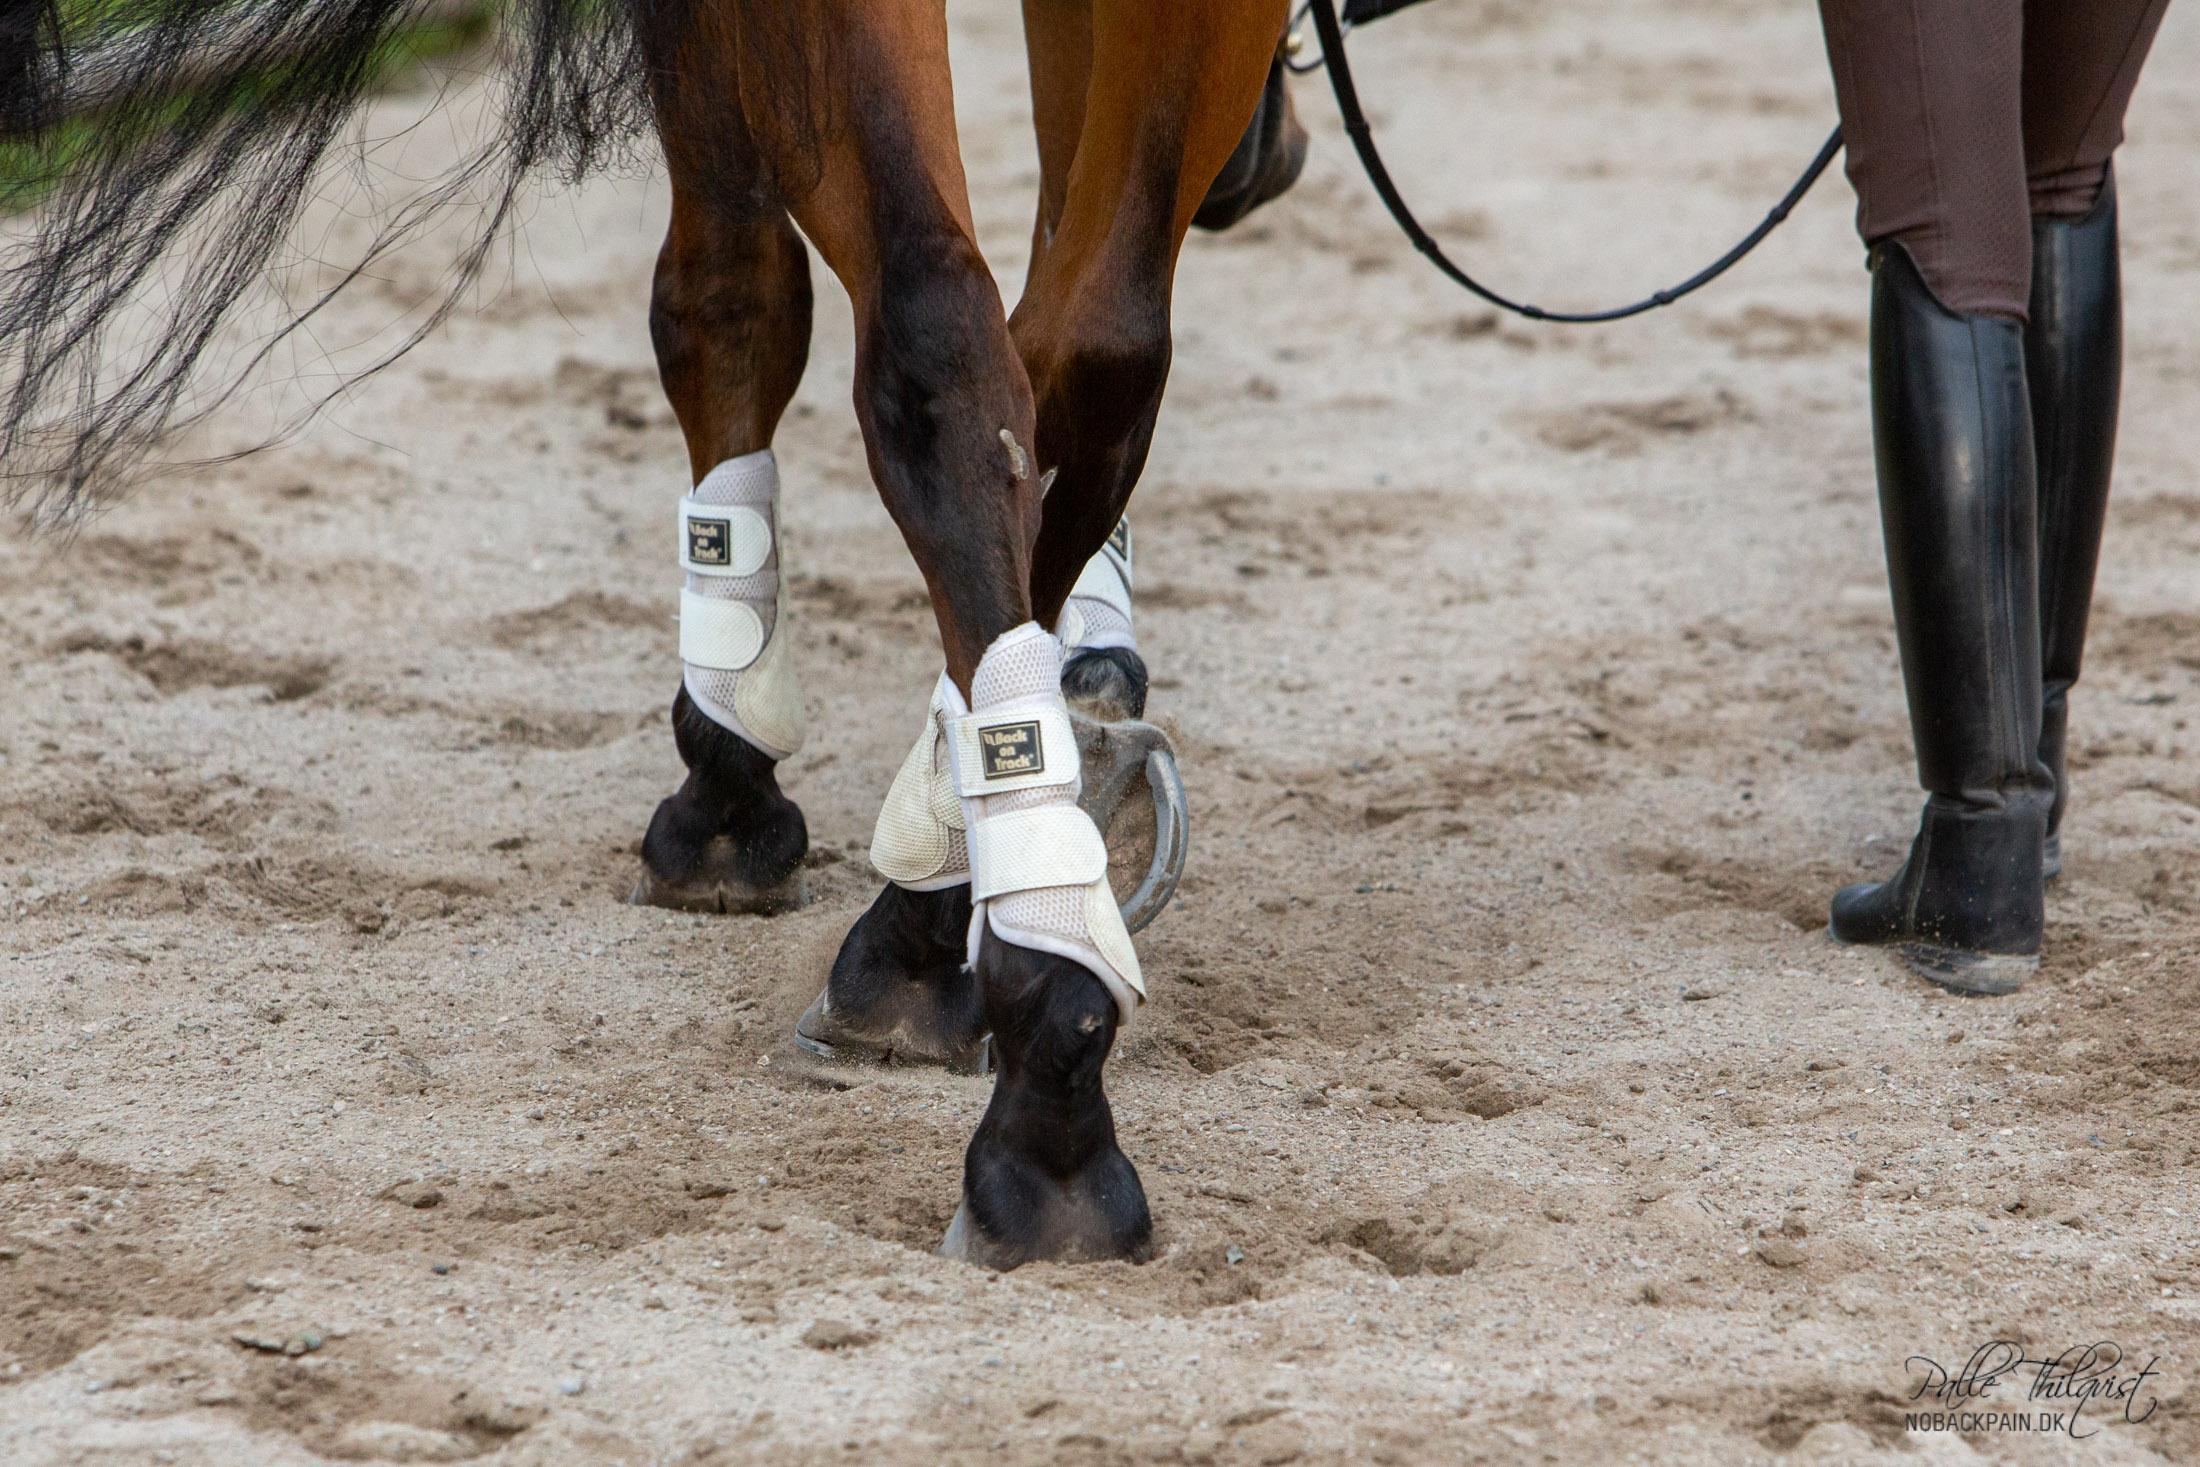 Nu begynder arbejdet!! Vi skal have hesten til at træde ind under tyngdepunktet med det indvendige bagben. Hesten skal sætte det indvendige bagbens hov ind imellem forhovenes spor.